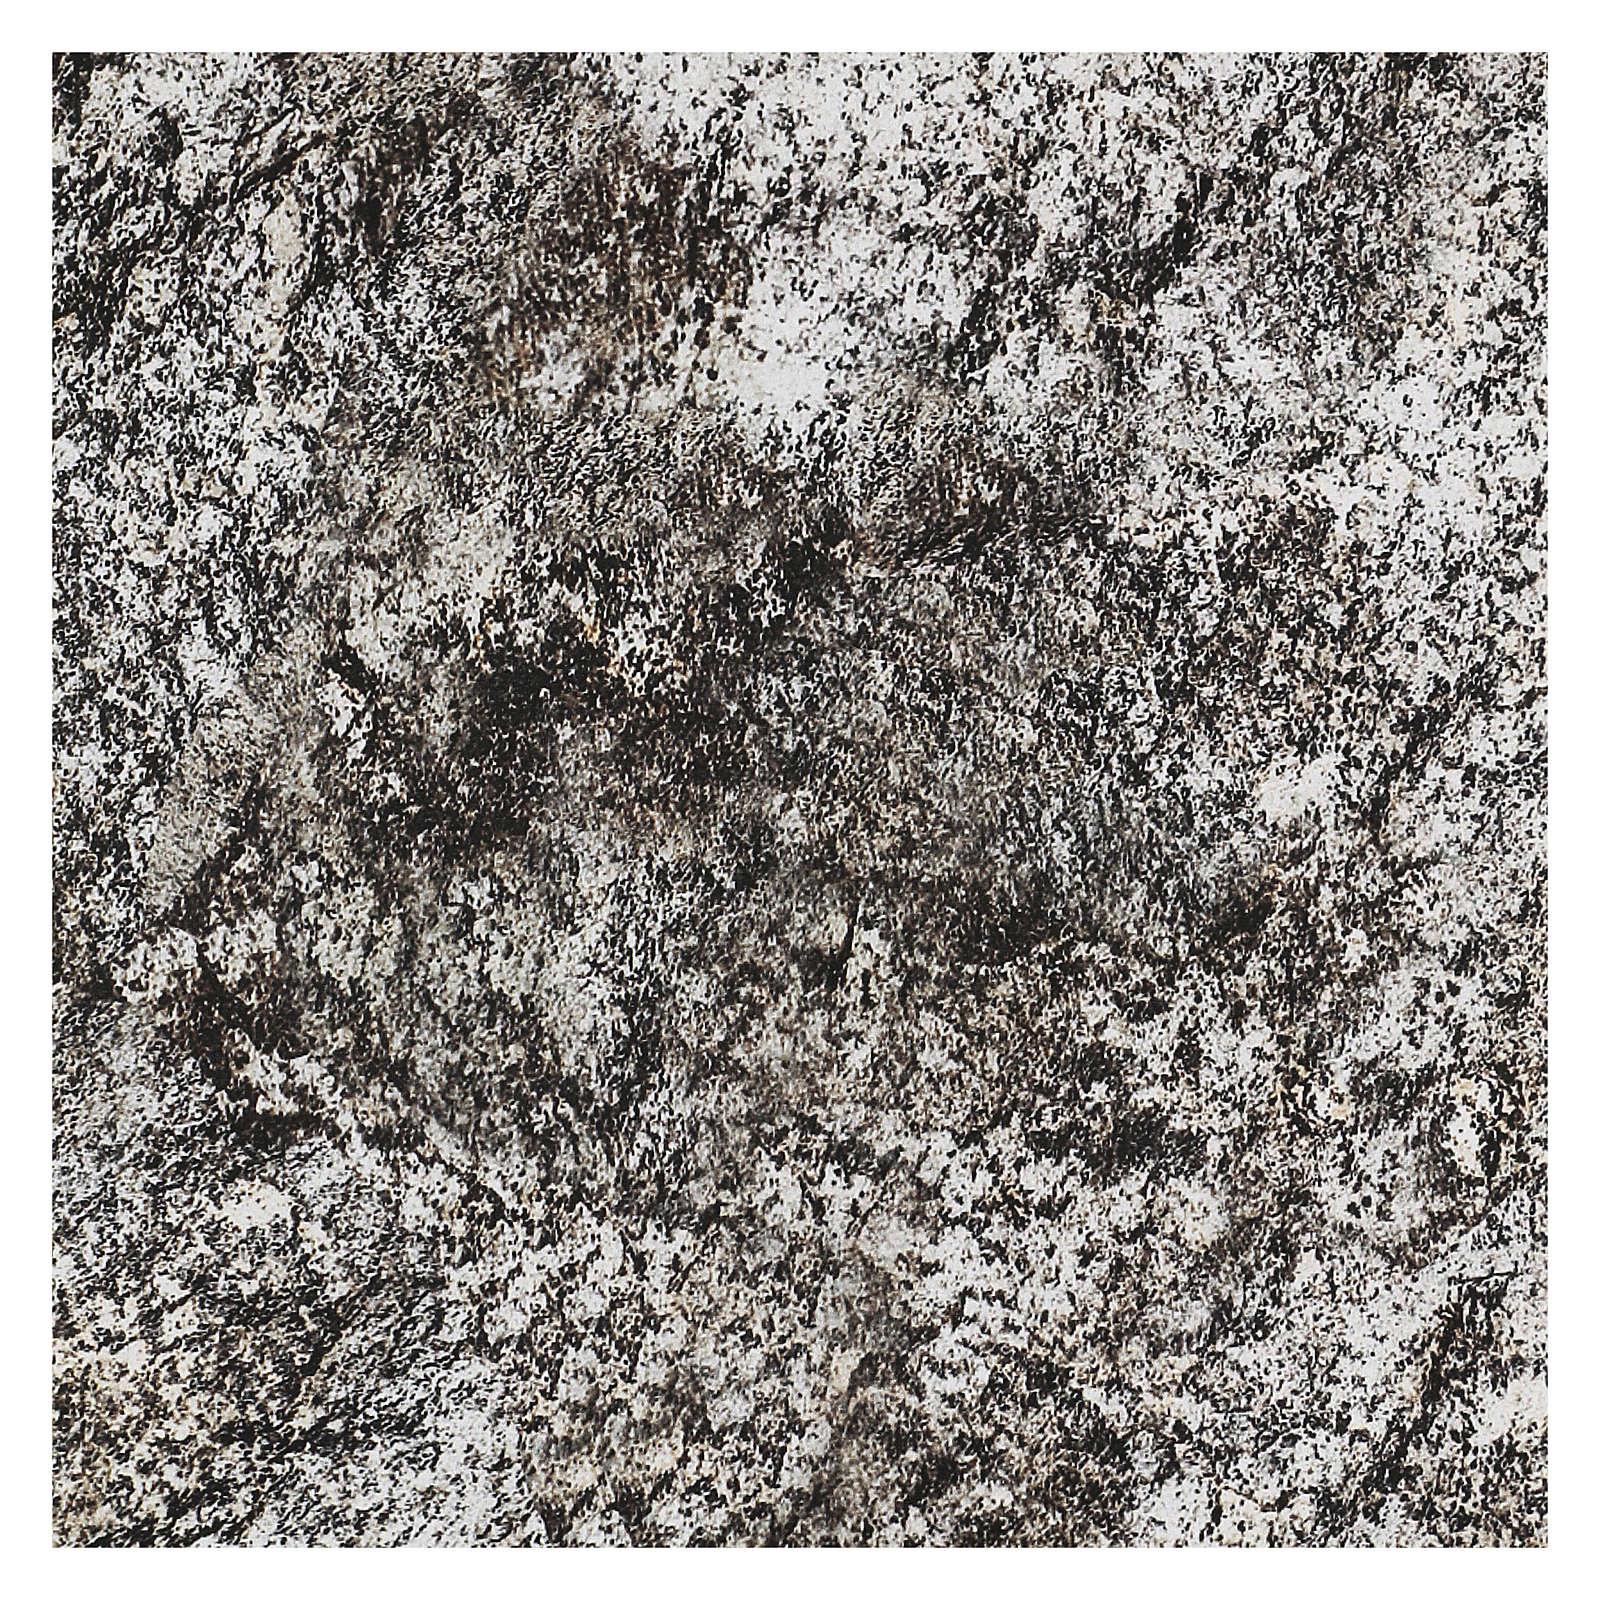 Papier à modeler roche enneigée pour crèche 60x30 cm 4